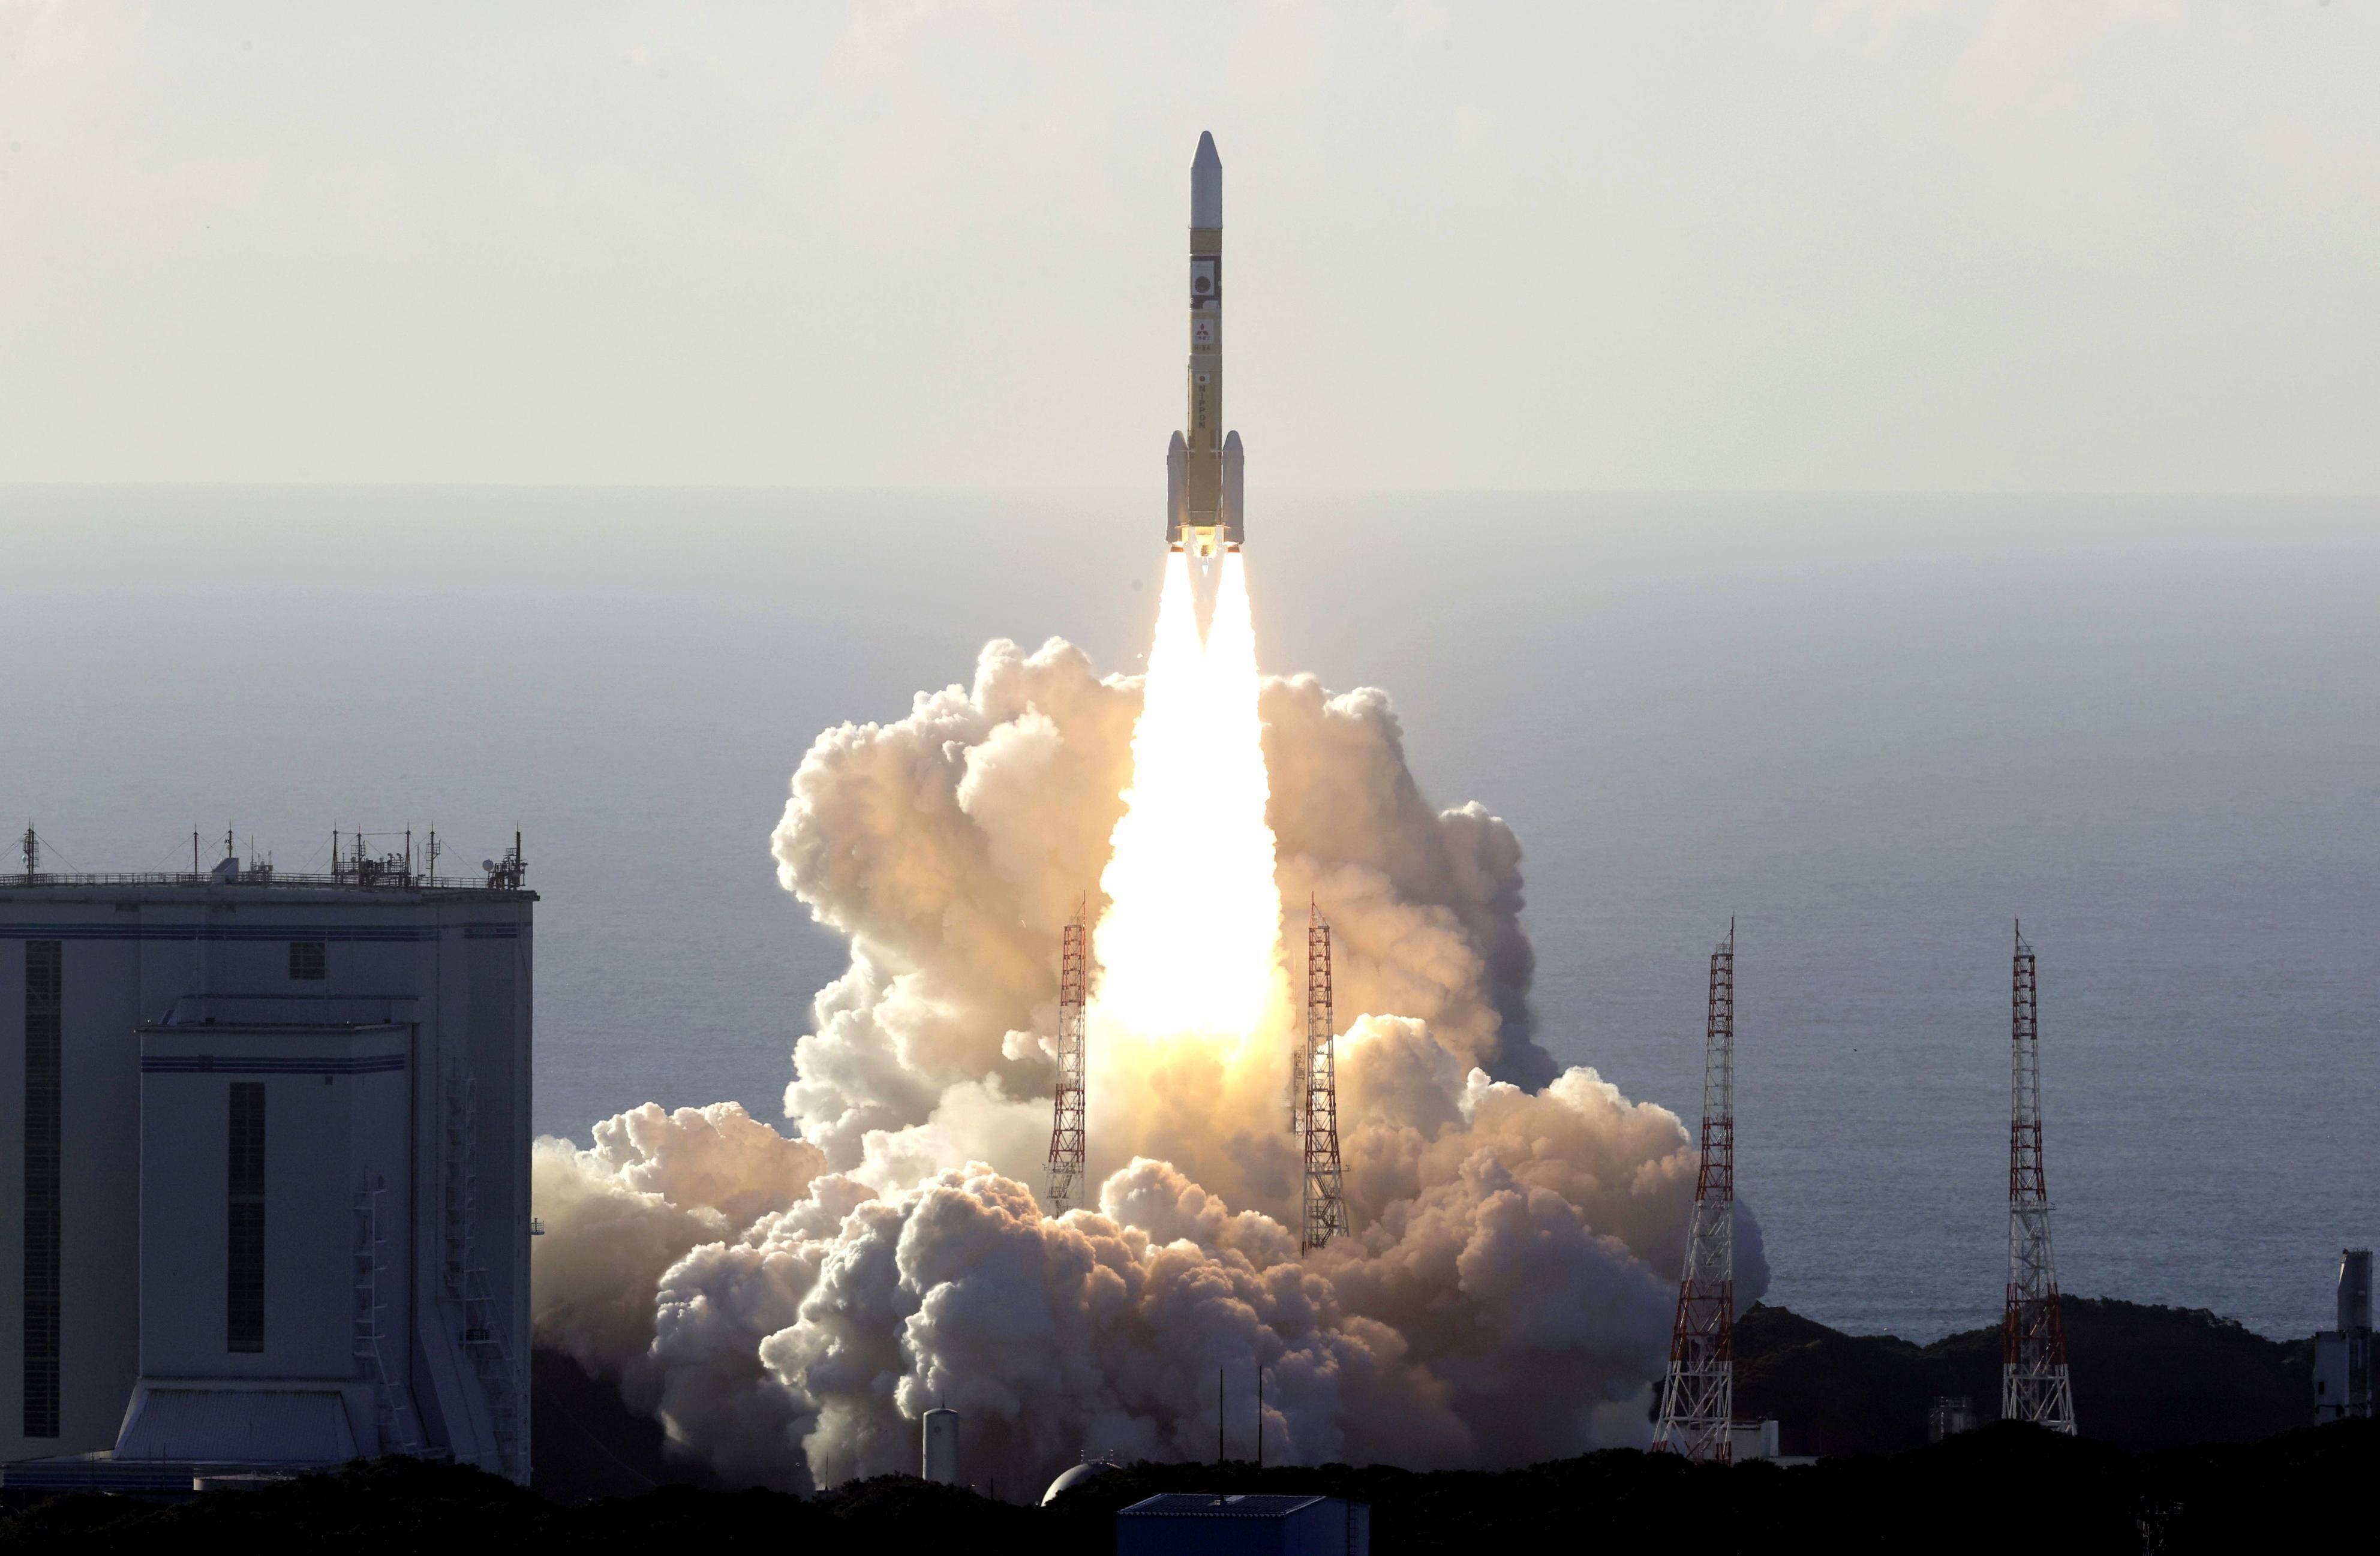 Vereinigte Arabische Emirate (VAE) schießen Sonde zum Mars